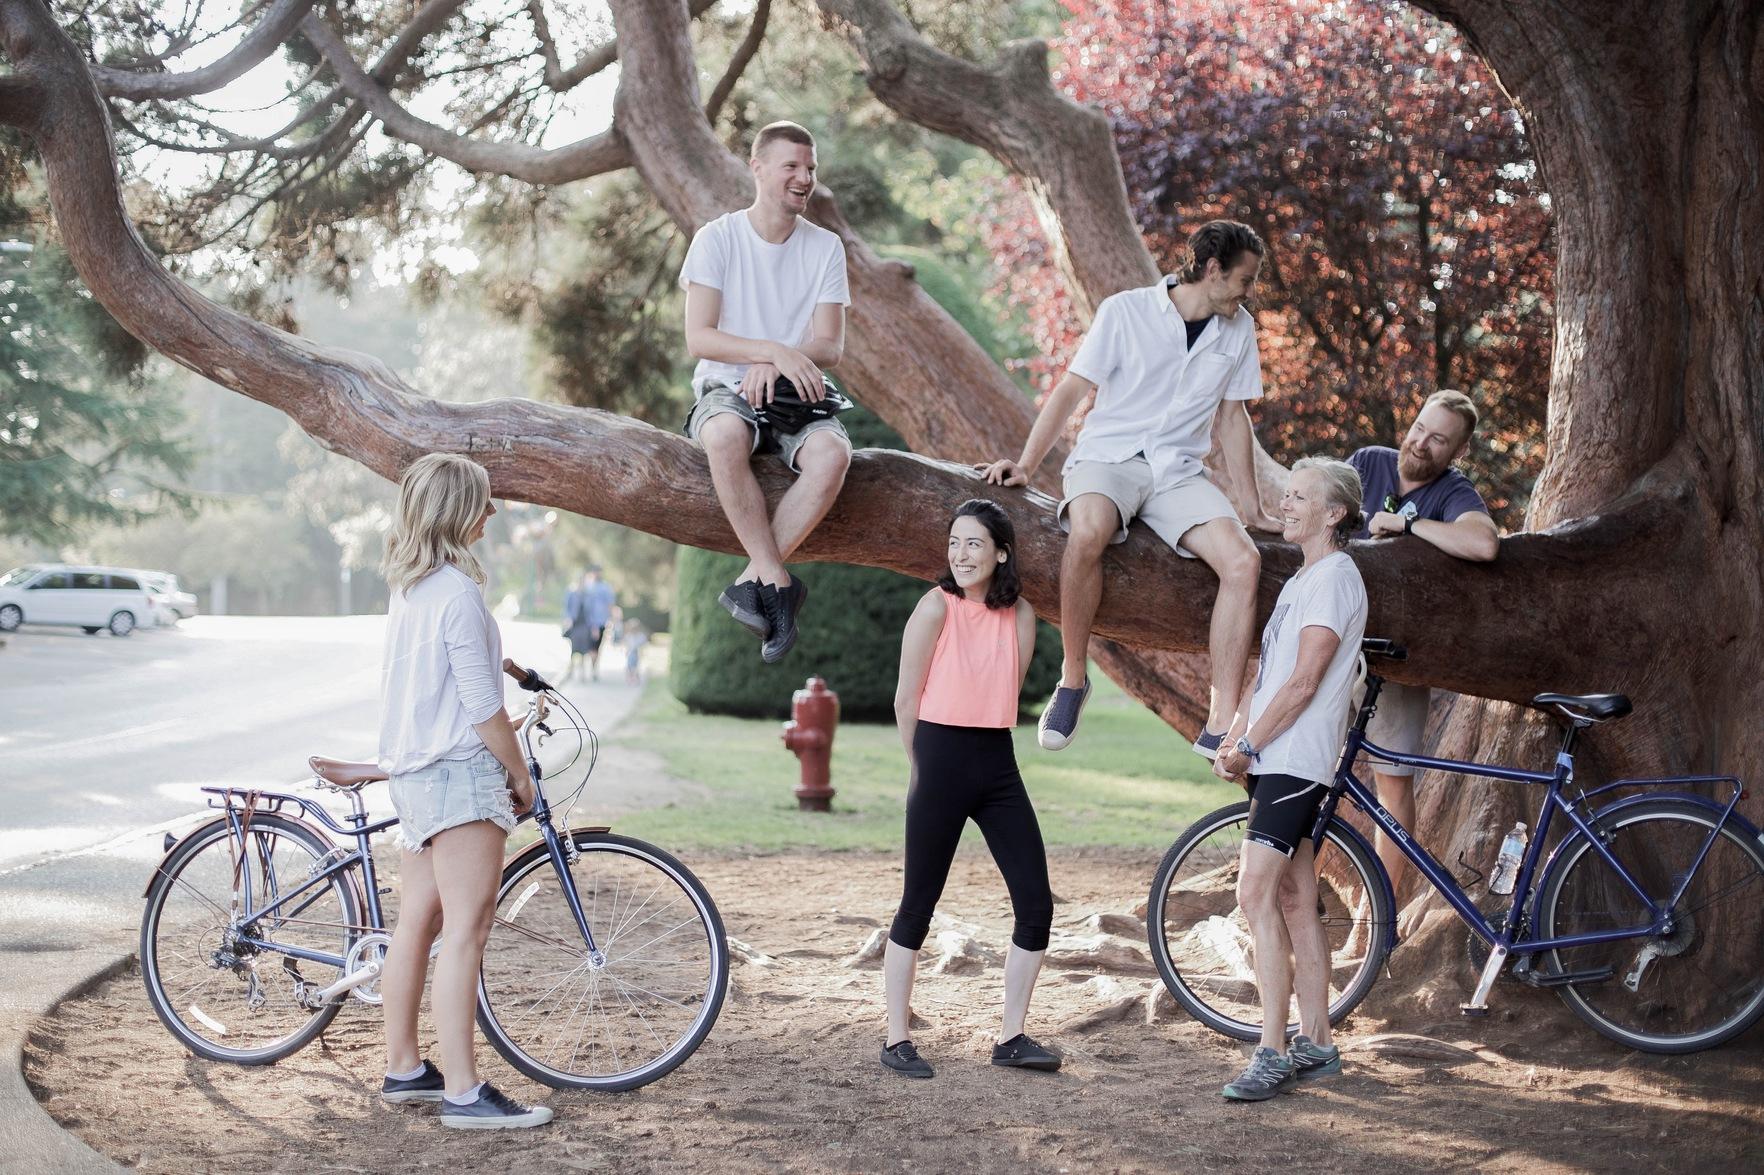 Bike Tour Victoria Lyndsey Eden